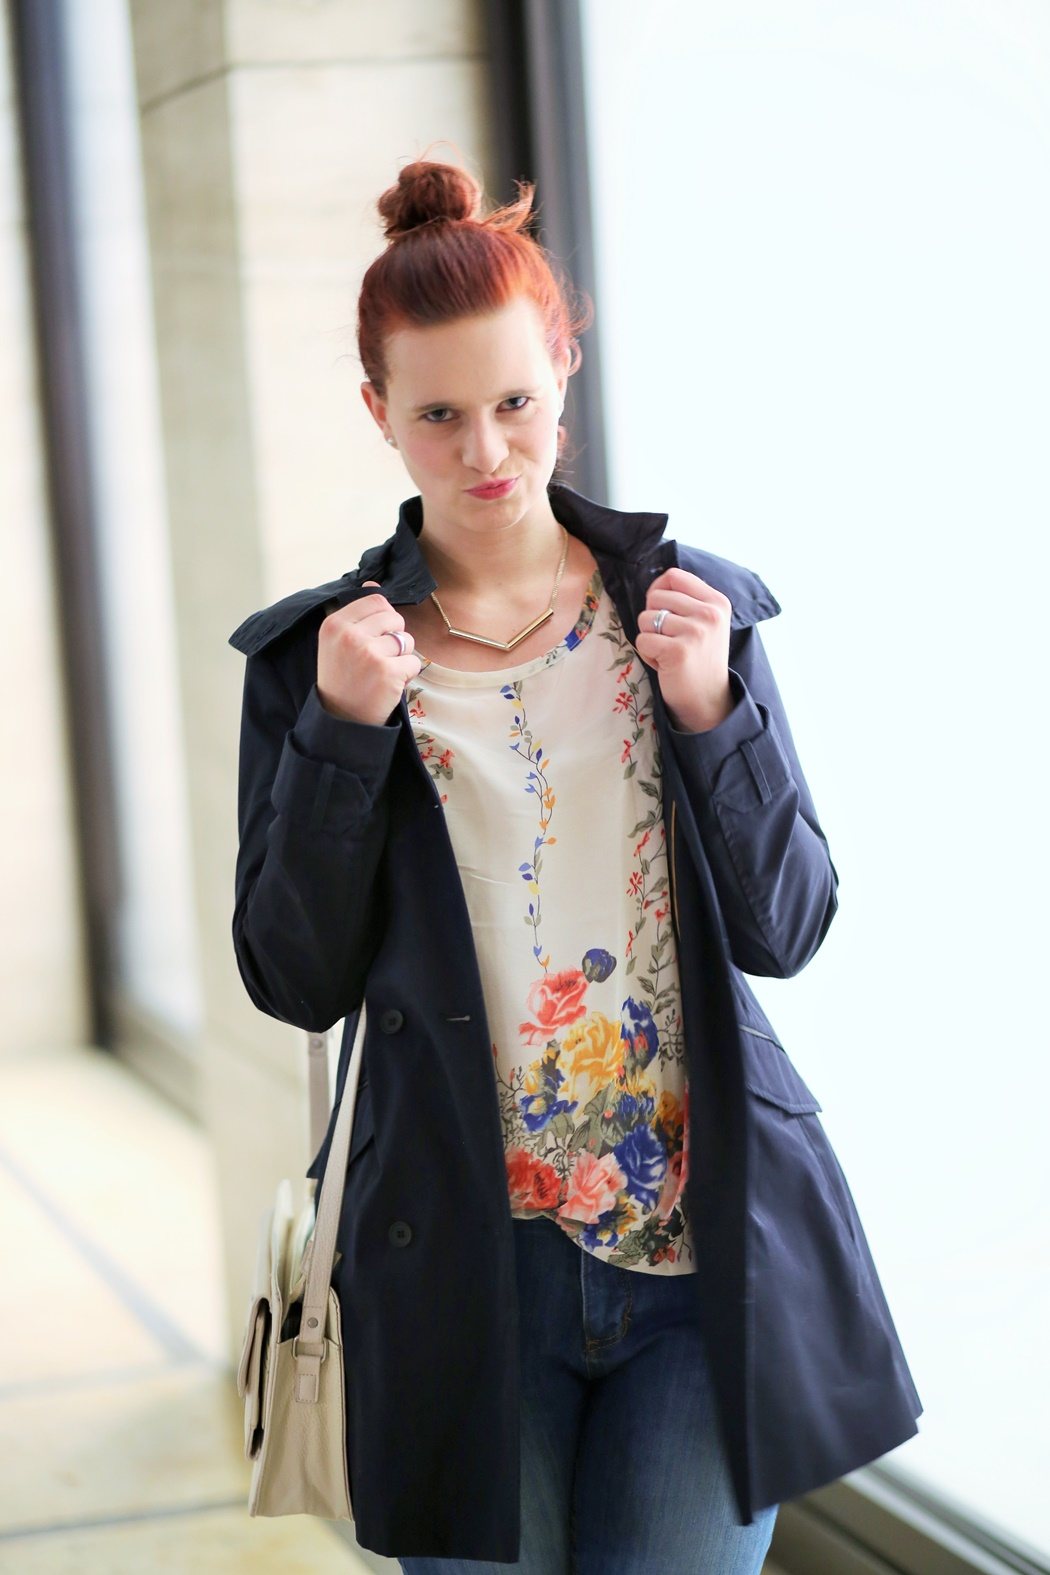 Zugeschnürt_Trenchcoat_Zara_Annanikabu_Friedrichstraße_Berlin_Outfit_Berliner Fashion_Fashionpost_Jeans_Chucks_gepunktete Chucks_1 (10)